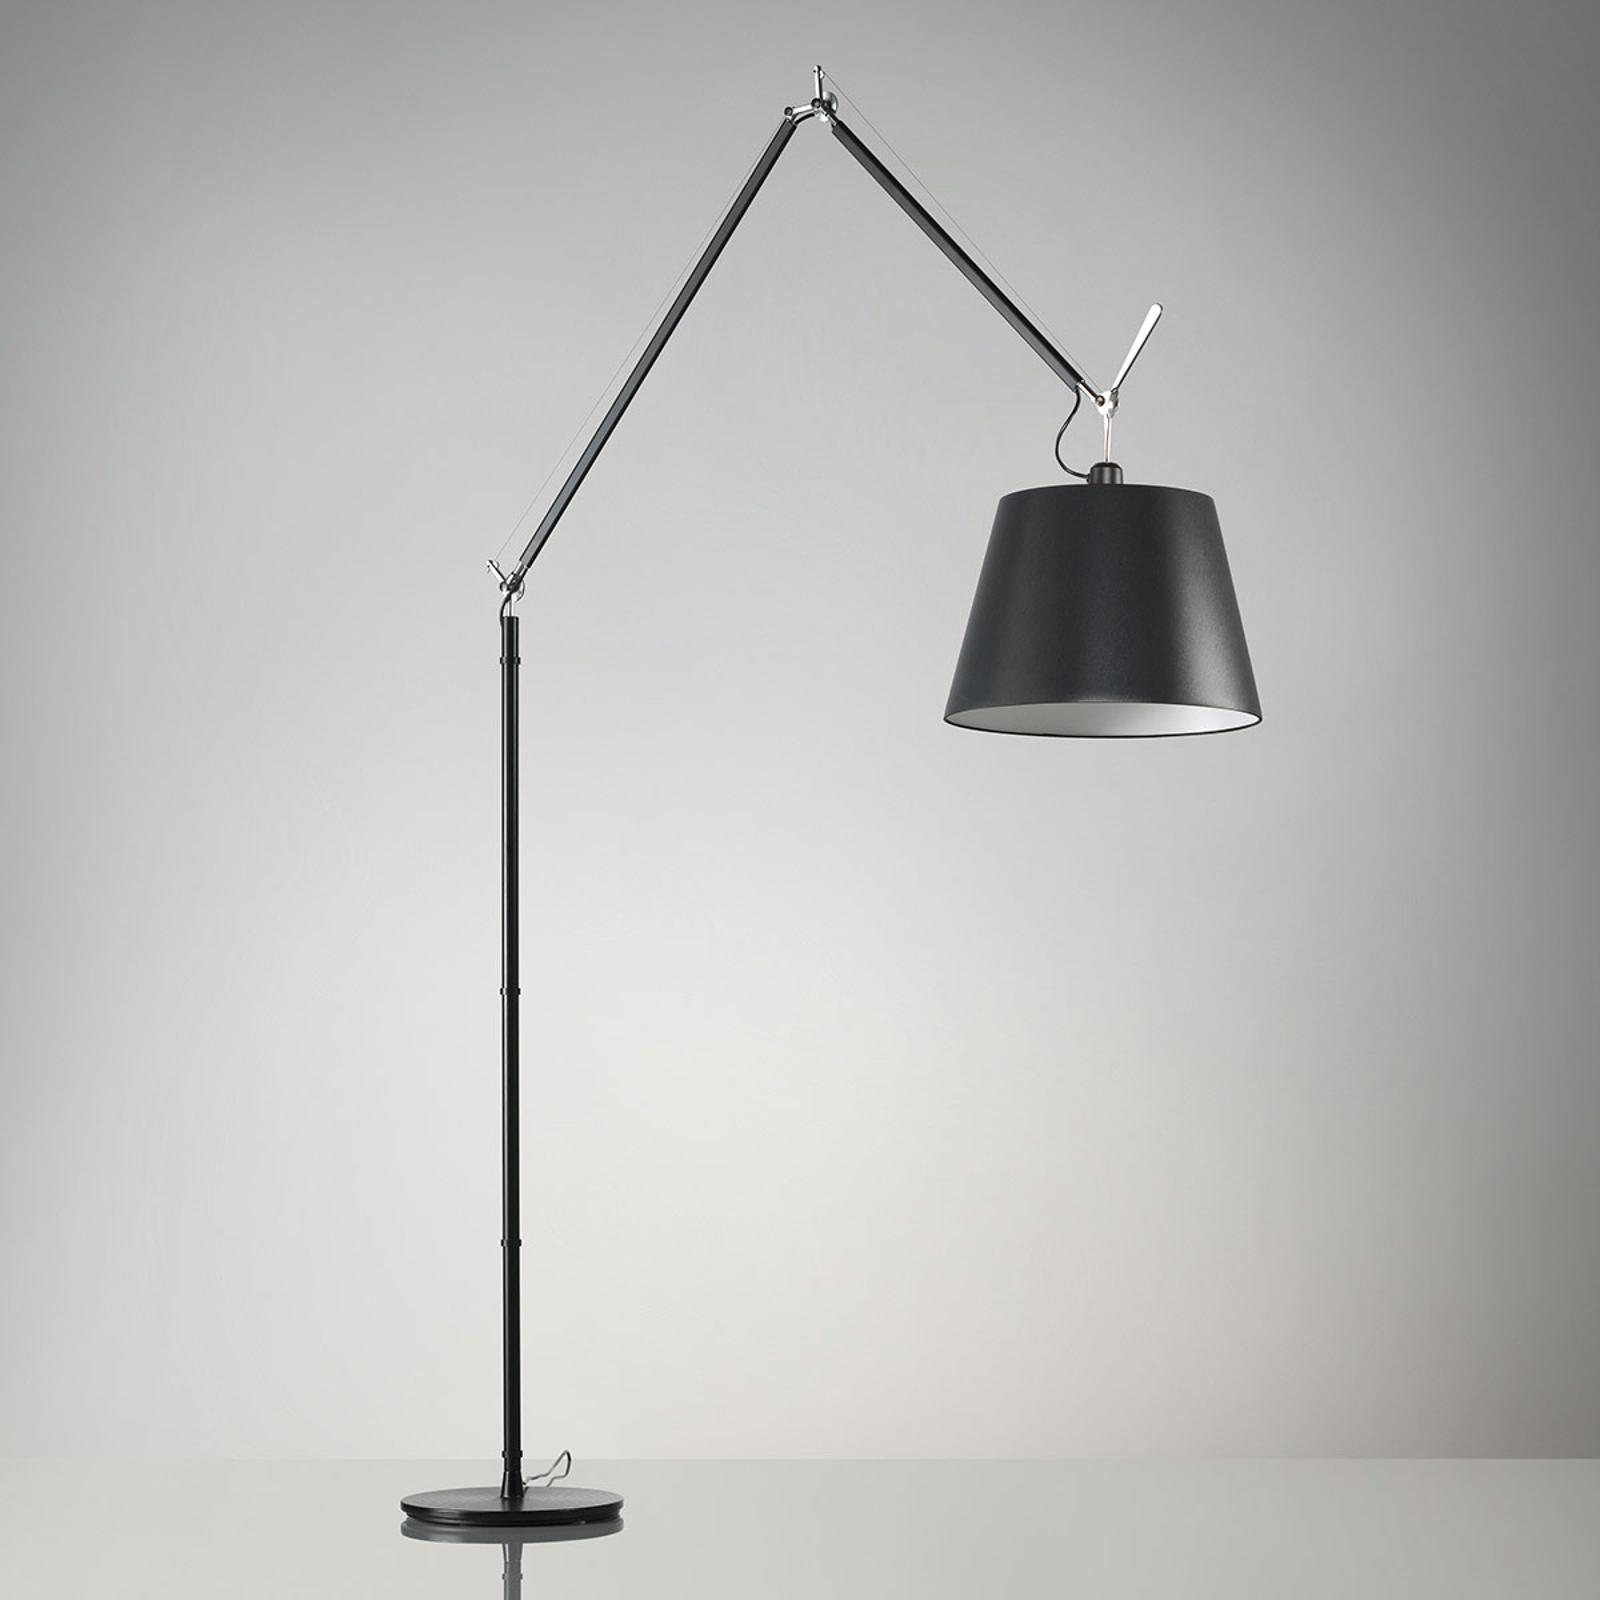 Artemide Tolomeo Mega Stehlampe 2.700K Ø 32 cm